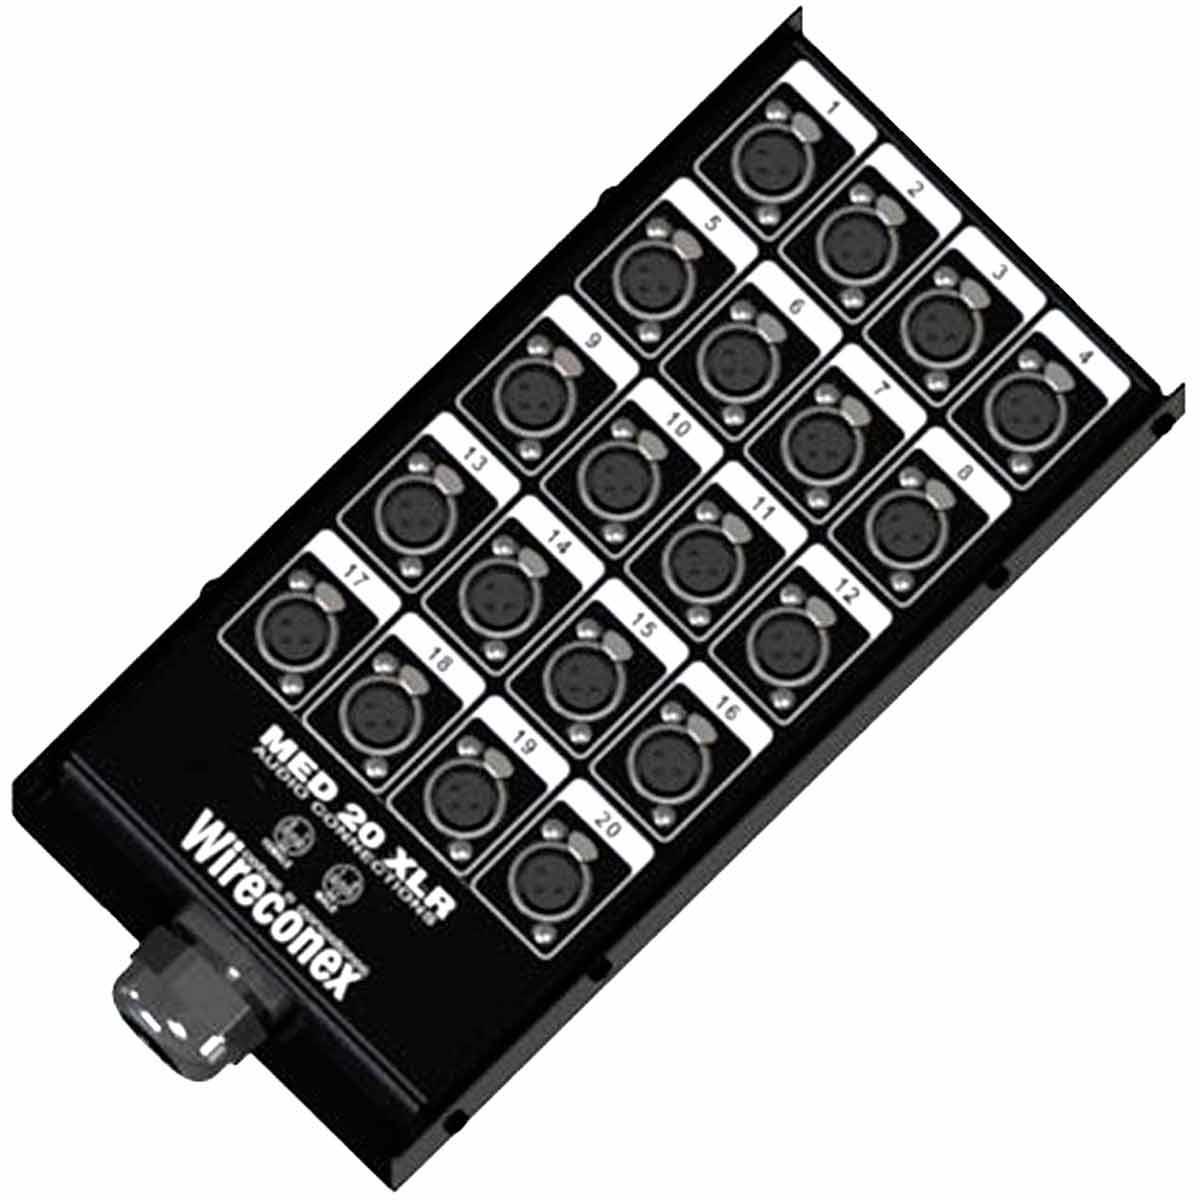 Painel com Conectores 20 Vias XLR Fêmea c/ Trava ( Completa ) - Wireconex